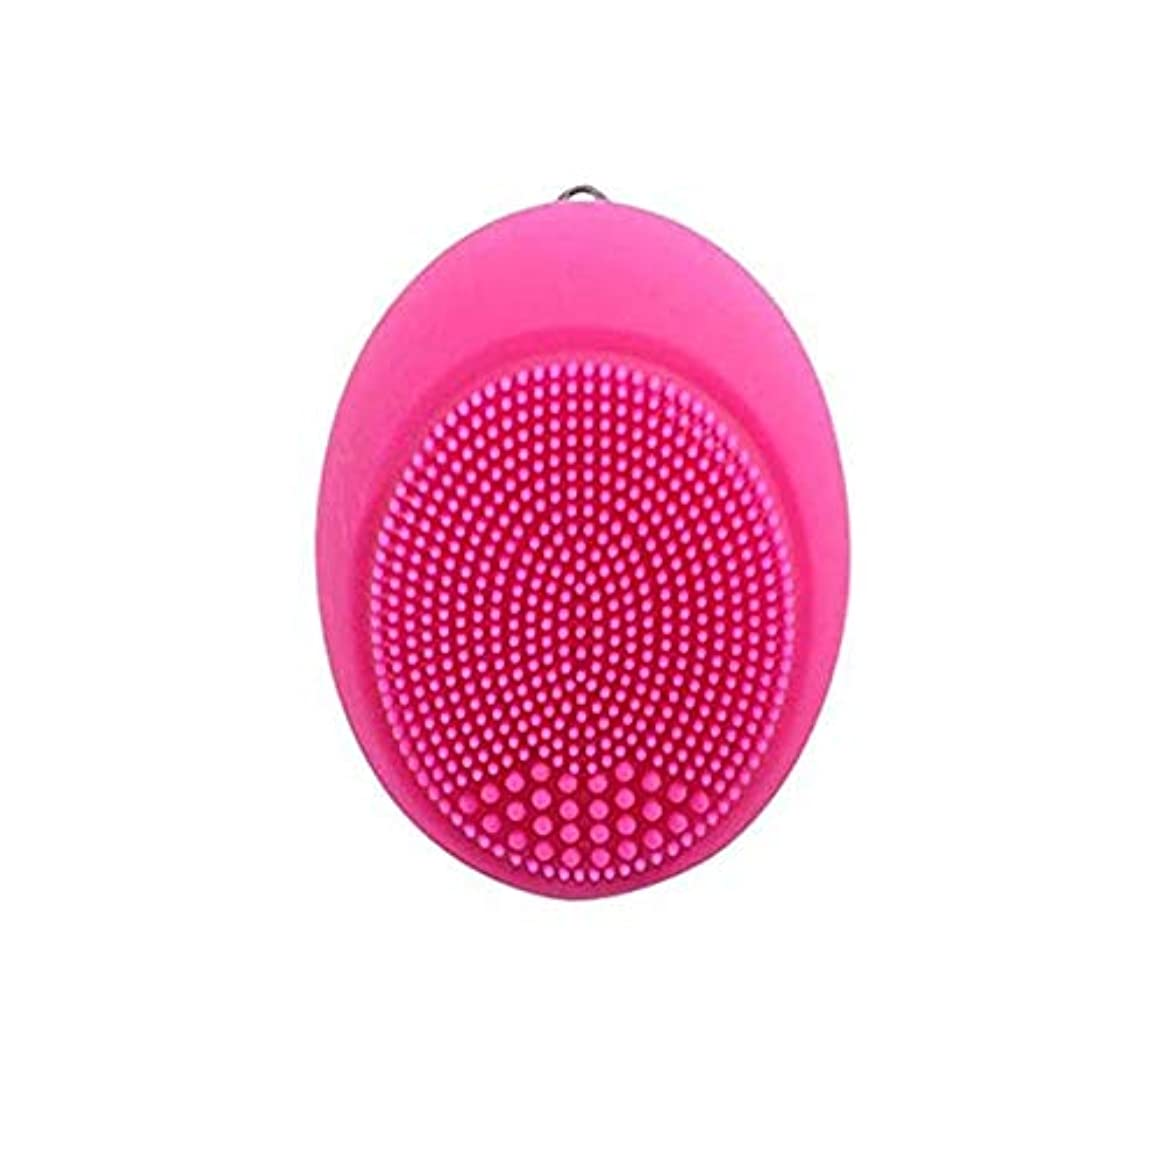 シードペンポータルソニックバイブレーションフェイシャルクレンジングブラシ、シリコンディープクレンジングブラシスキンクレンザーアンチエイジングジェントルエクスフォリエイティングリジュビネイトスキンマルチカラー (Color : Rose pink)